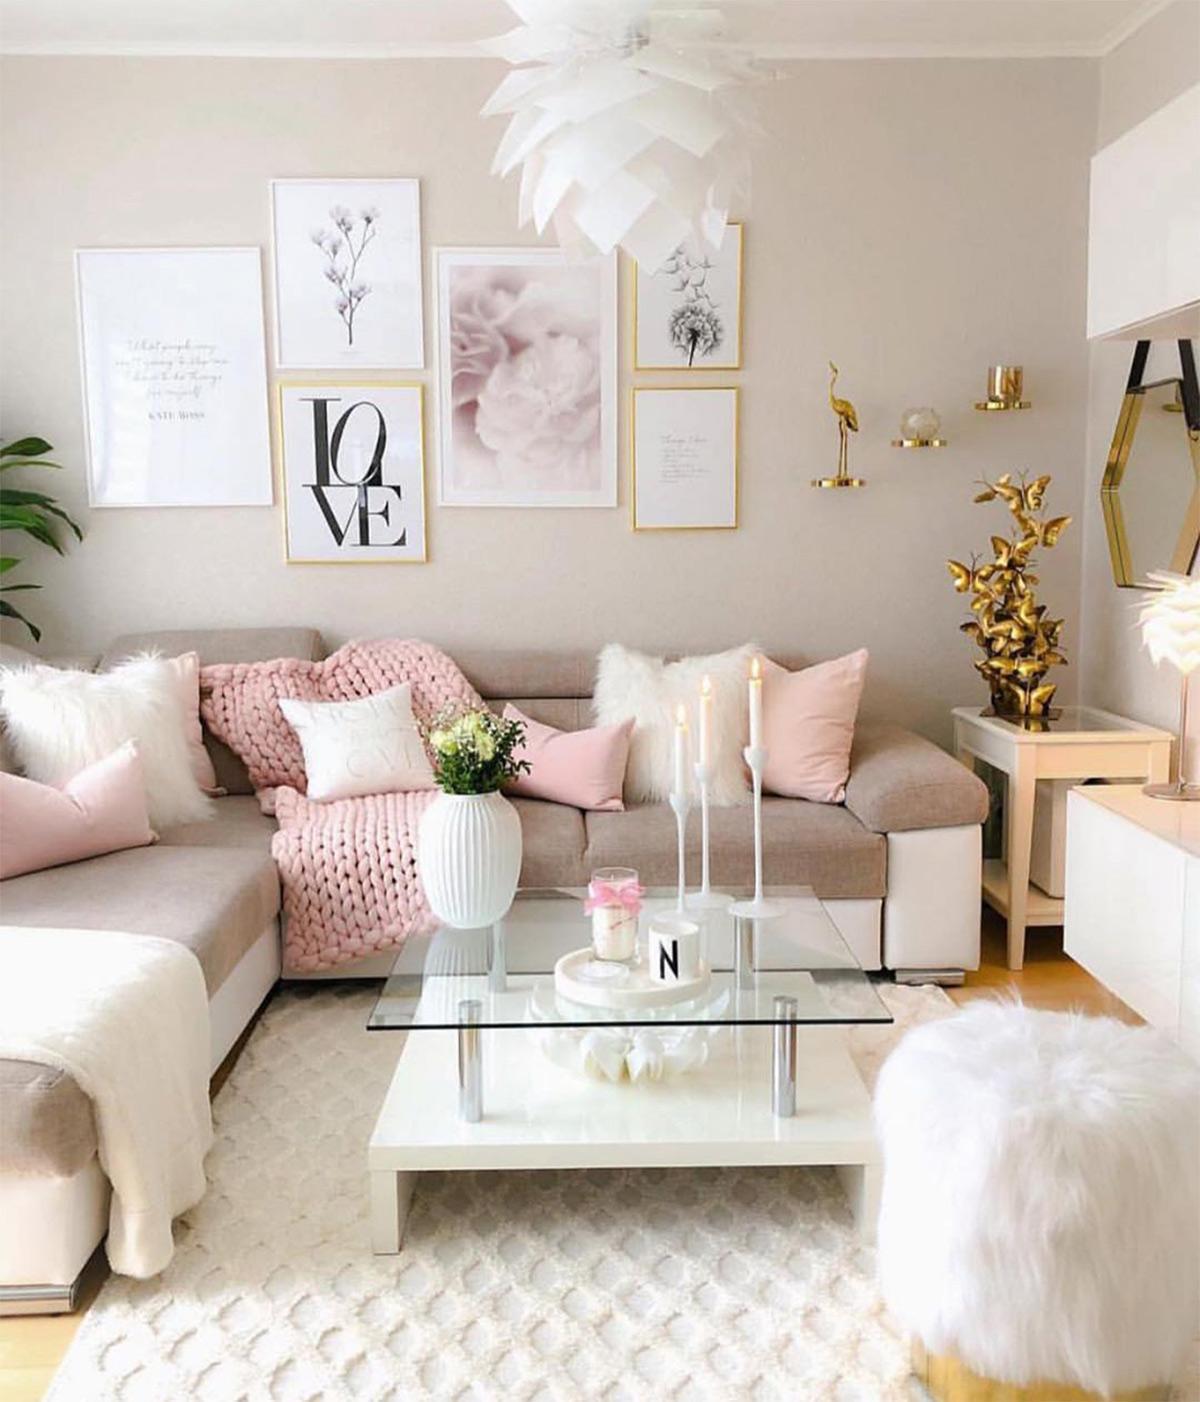 Thiết kế phòng khách với gam màu pastel